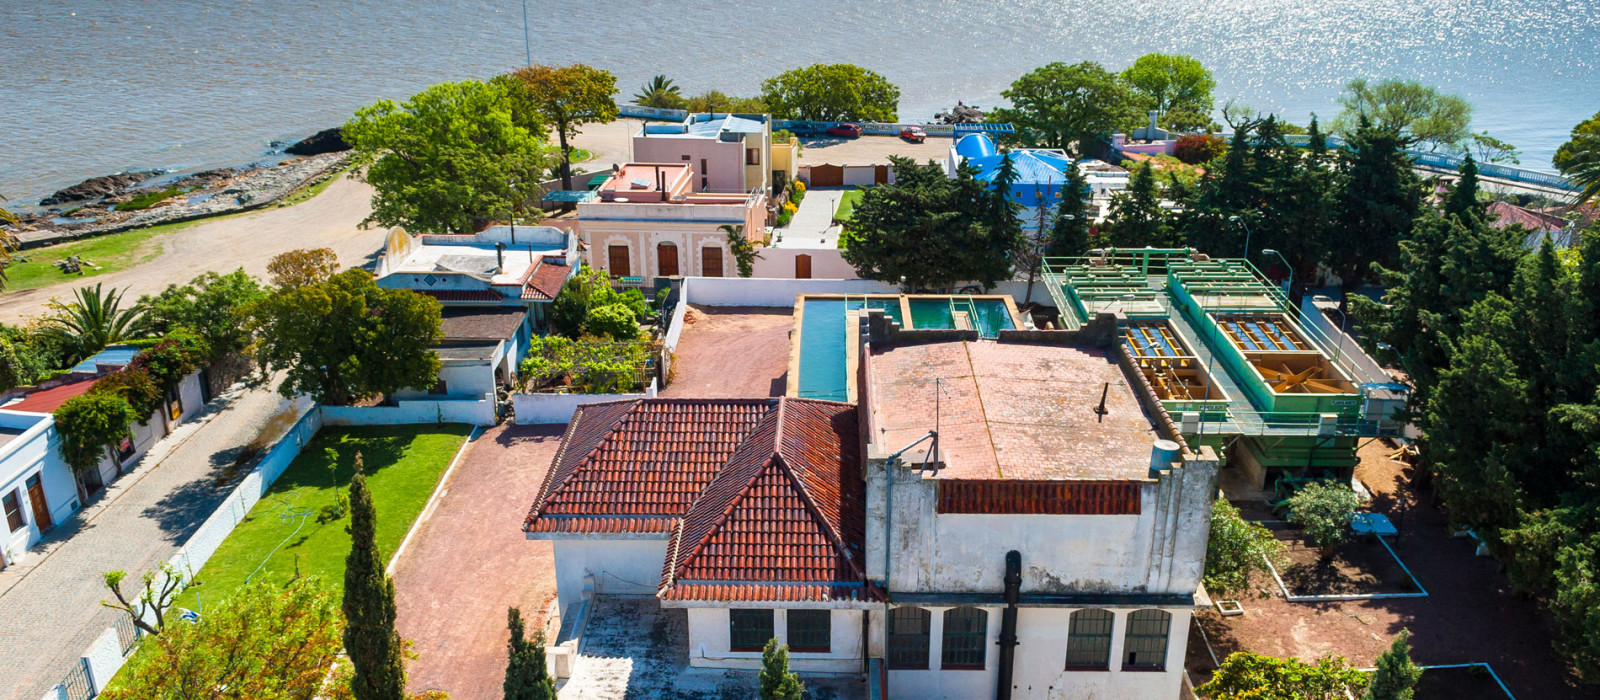 Reiseziel Colonia de Sacramento Uruguay